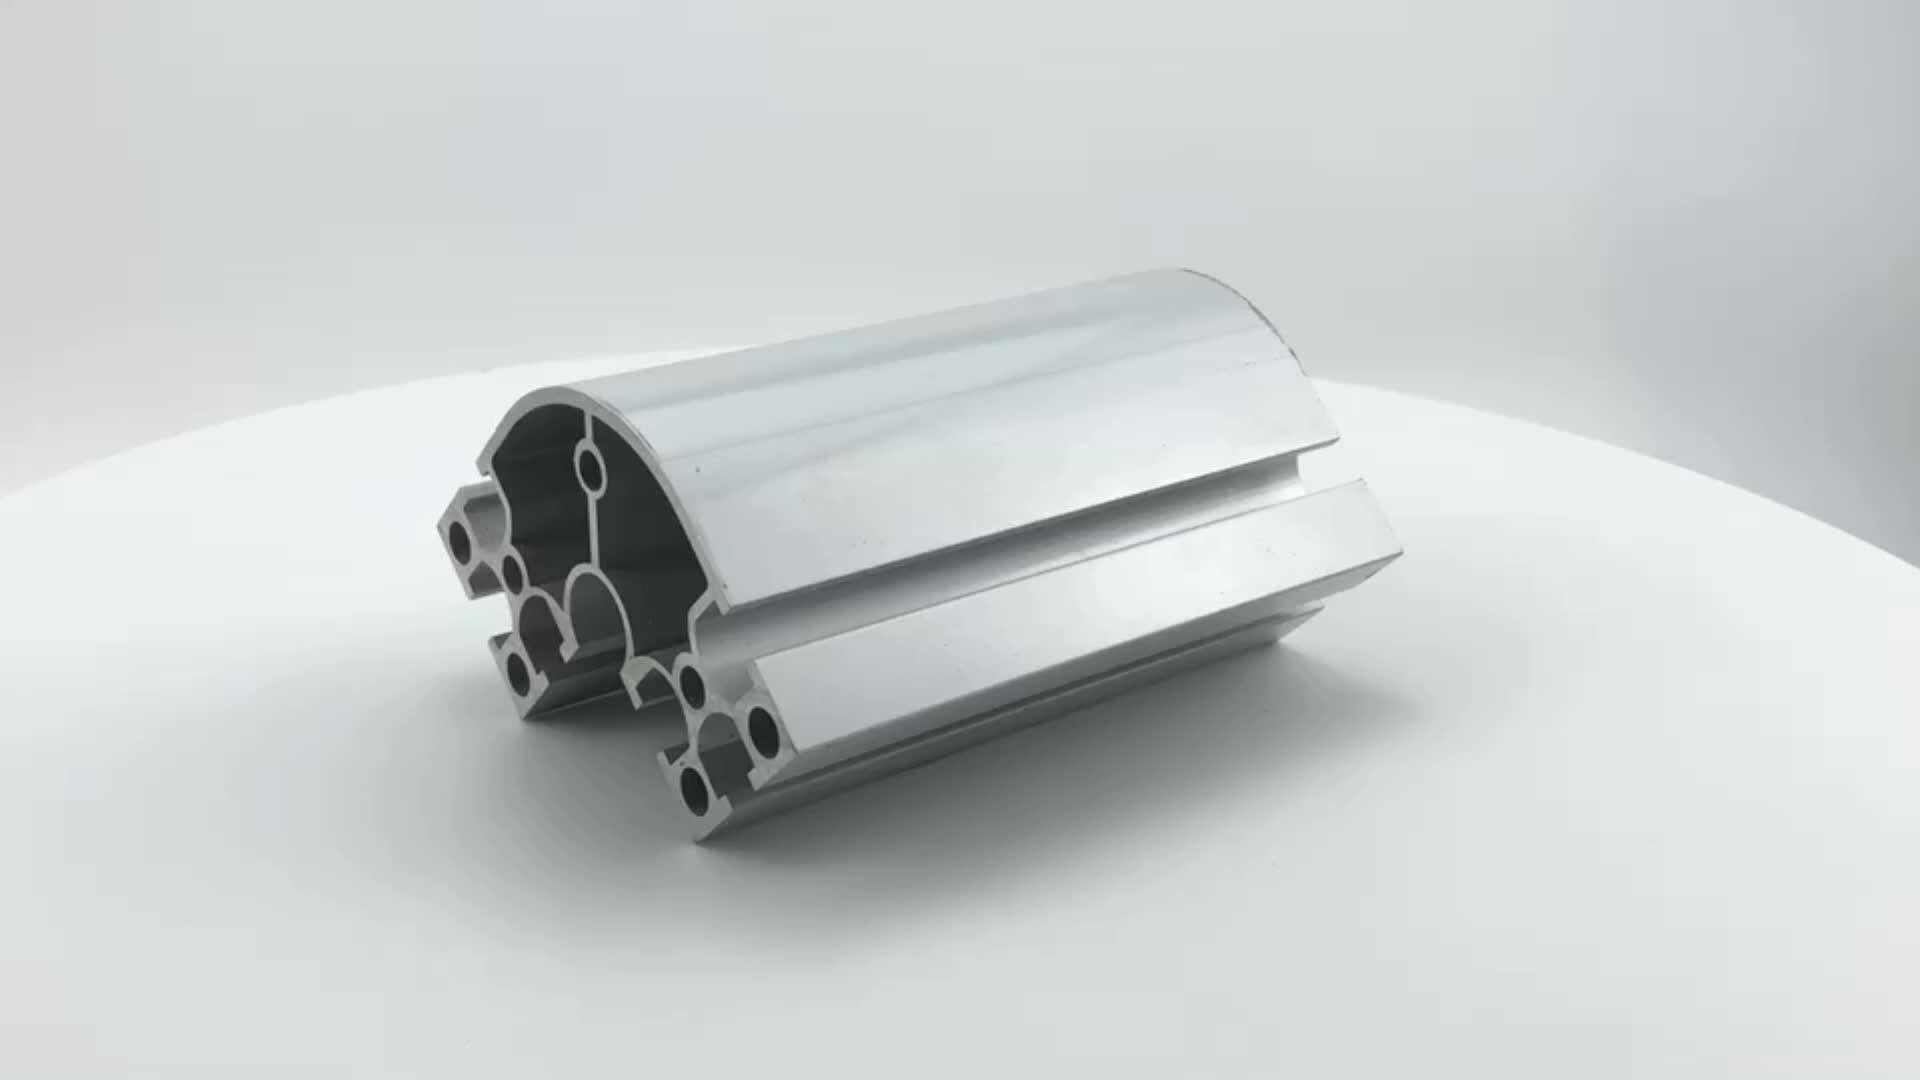 Placa de alumínio anodizado perfil t, t slot perfil de alumínio fornecedor da fábrica, perfil da extrusão do t da trilha de alumínio preço por kg